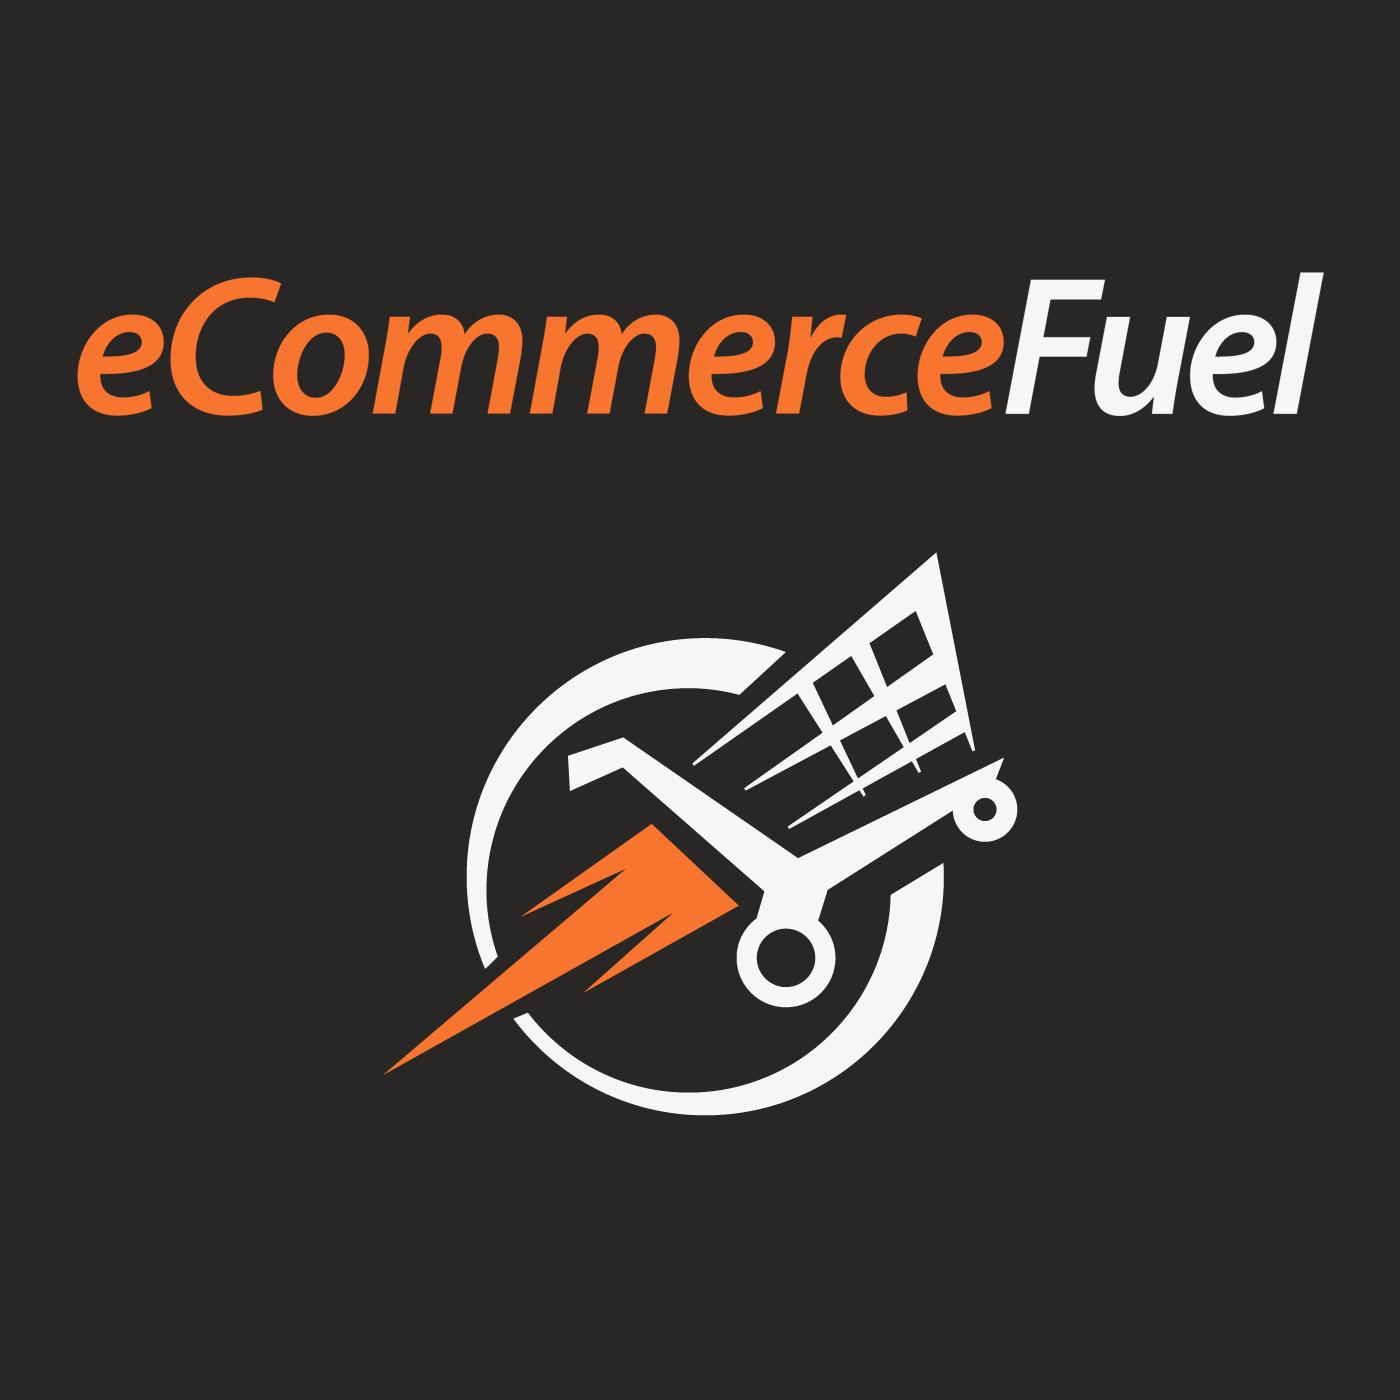 Wordpress Ecommerce Sites